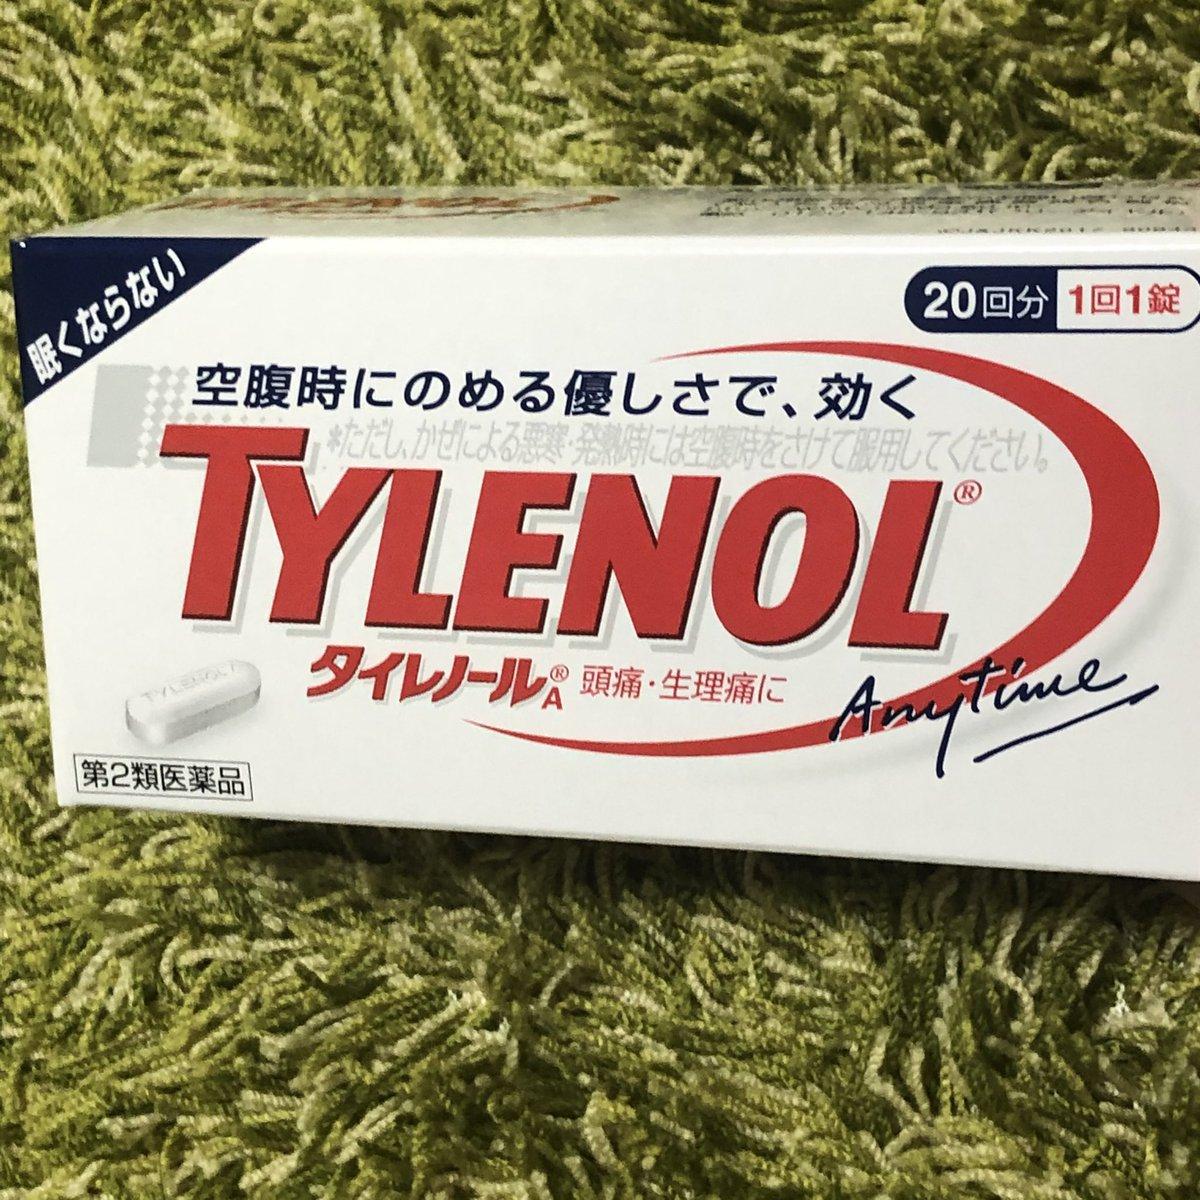 市販 薬 アセト アミノ フェン のみ